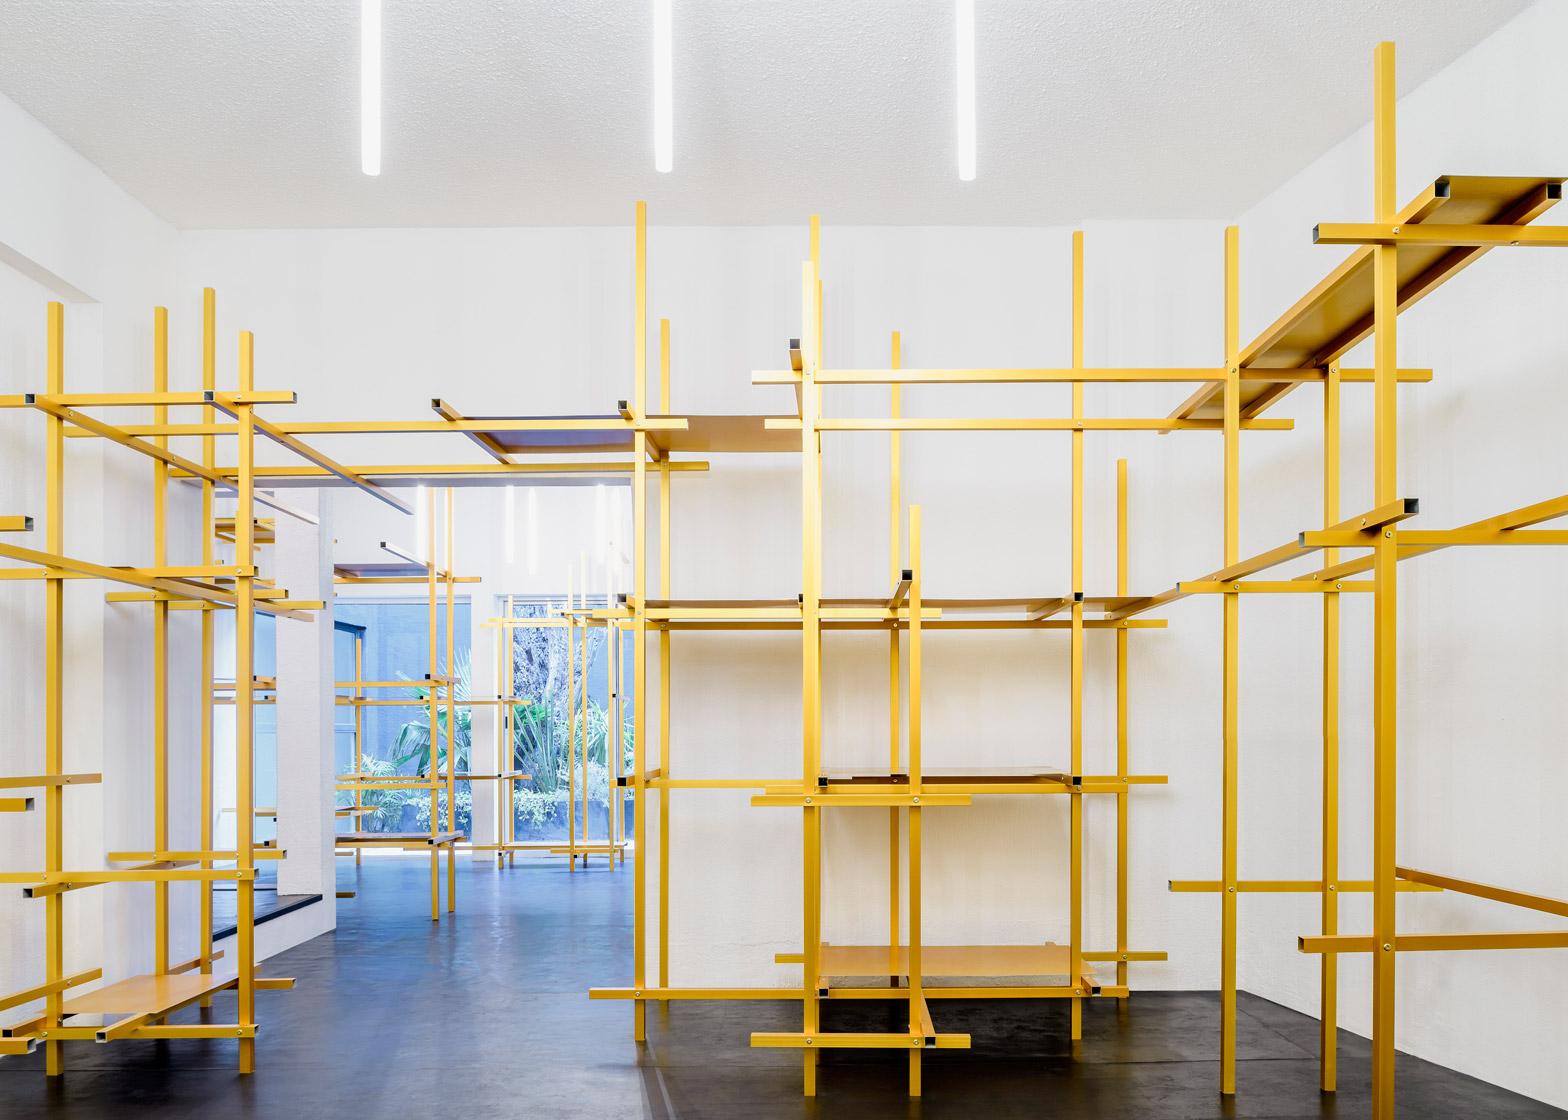 troquer-studio-showroom-zeller-moye-mexico-city-conversion_dezeen_1568_0